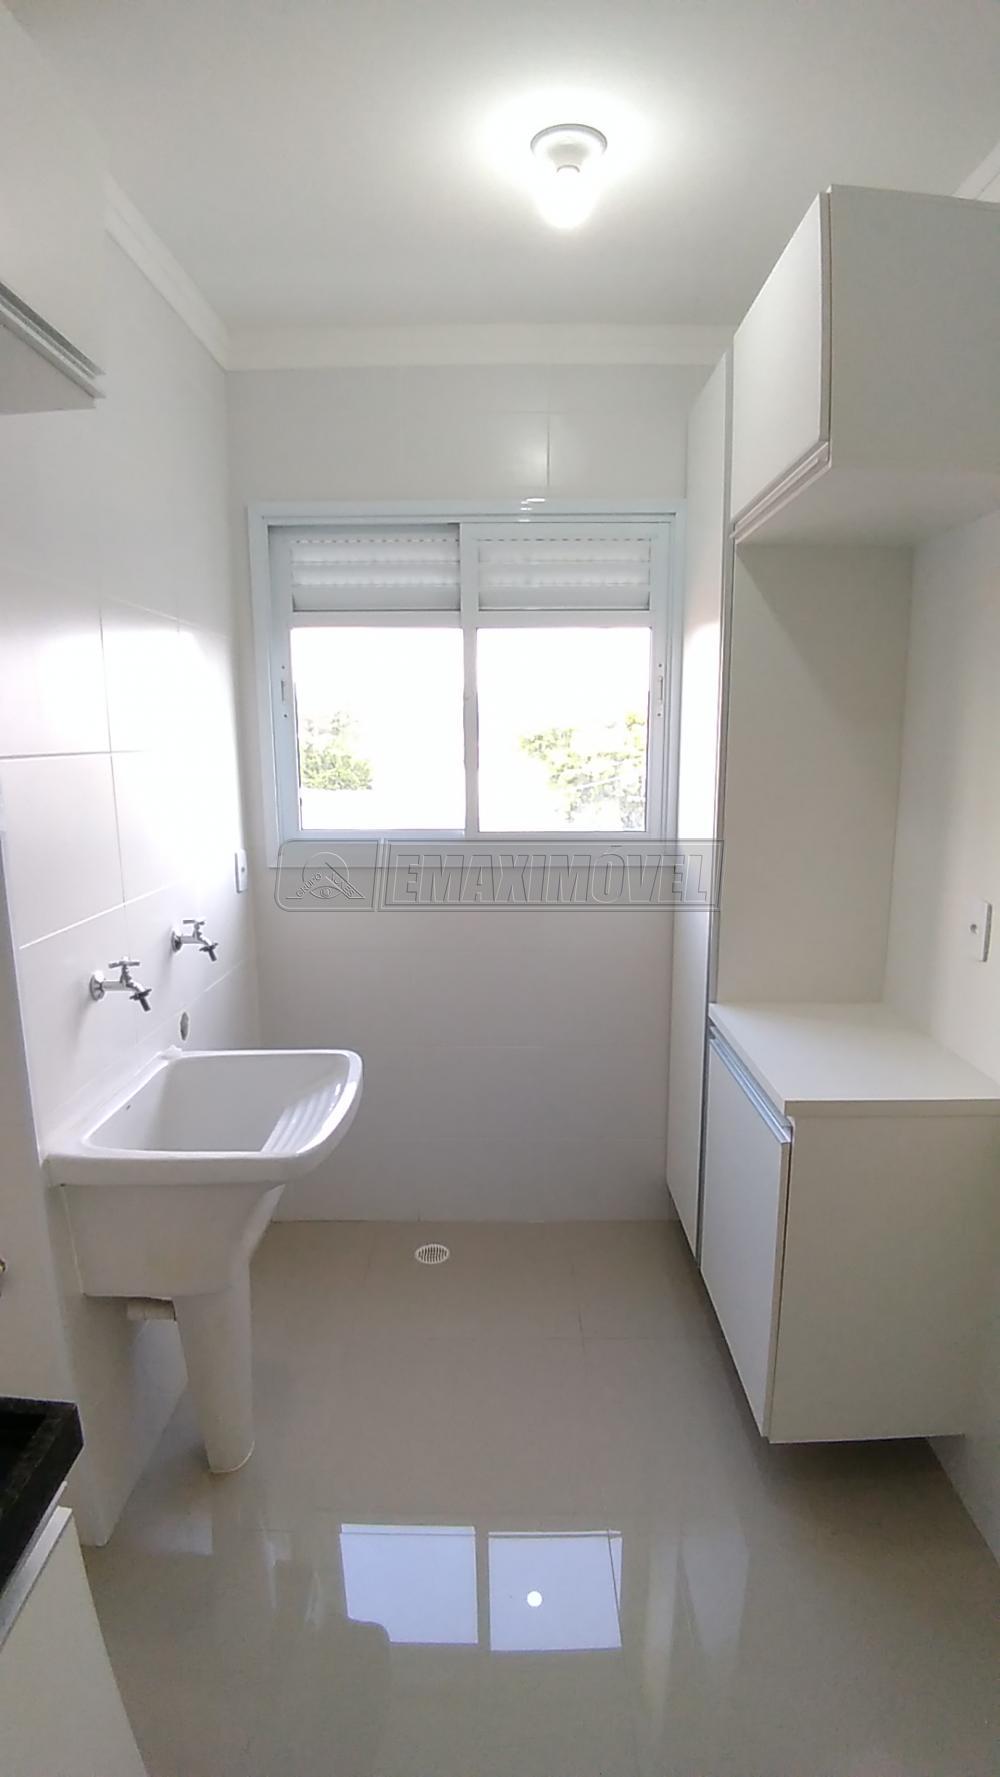 Alugar Apartamentos / Apto Padrão em Sorocaba apenas R$ 970,00 - Foto 5